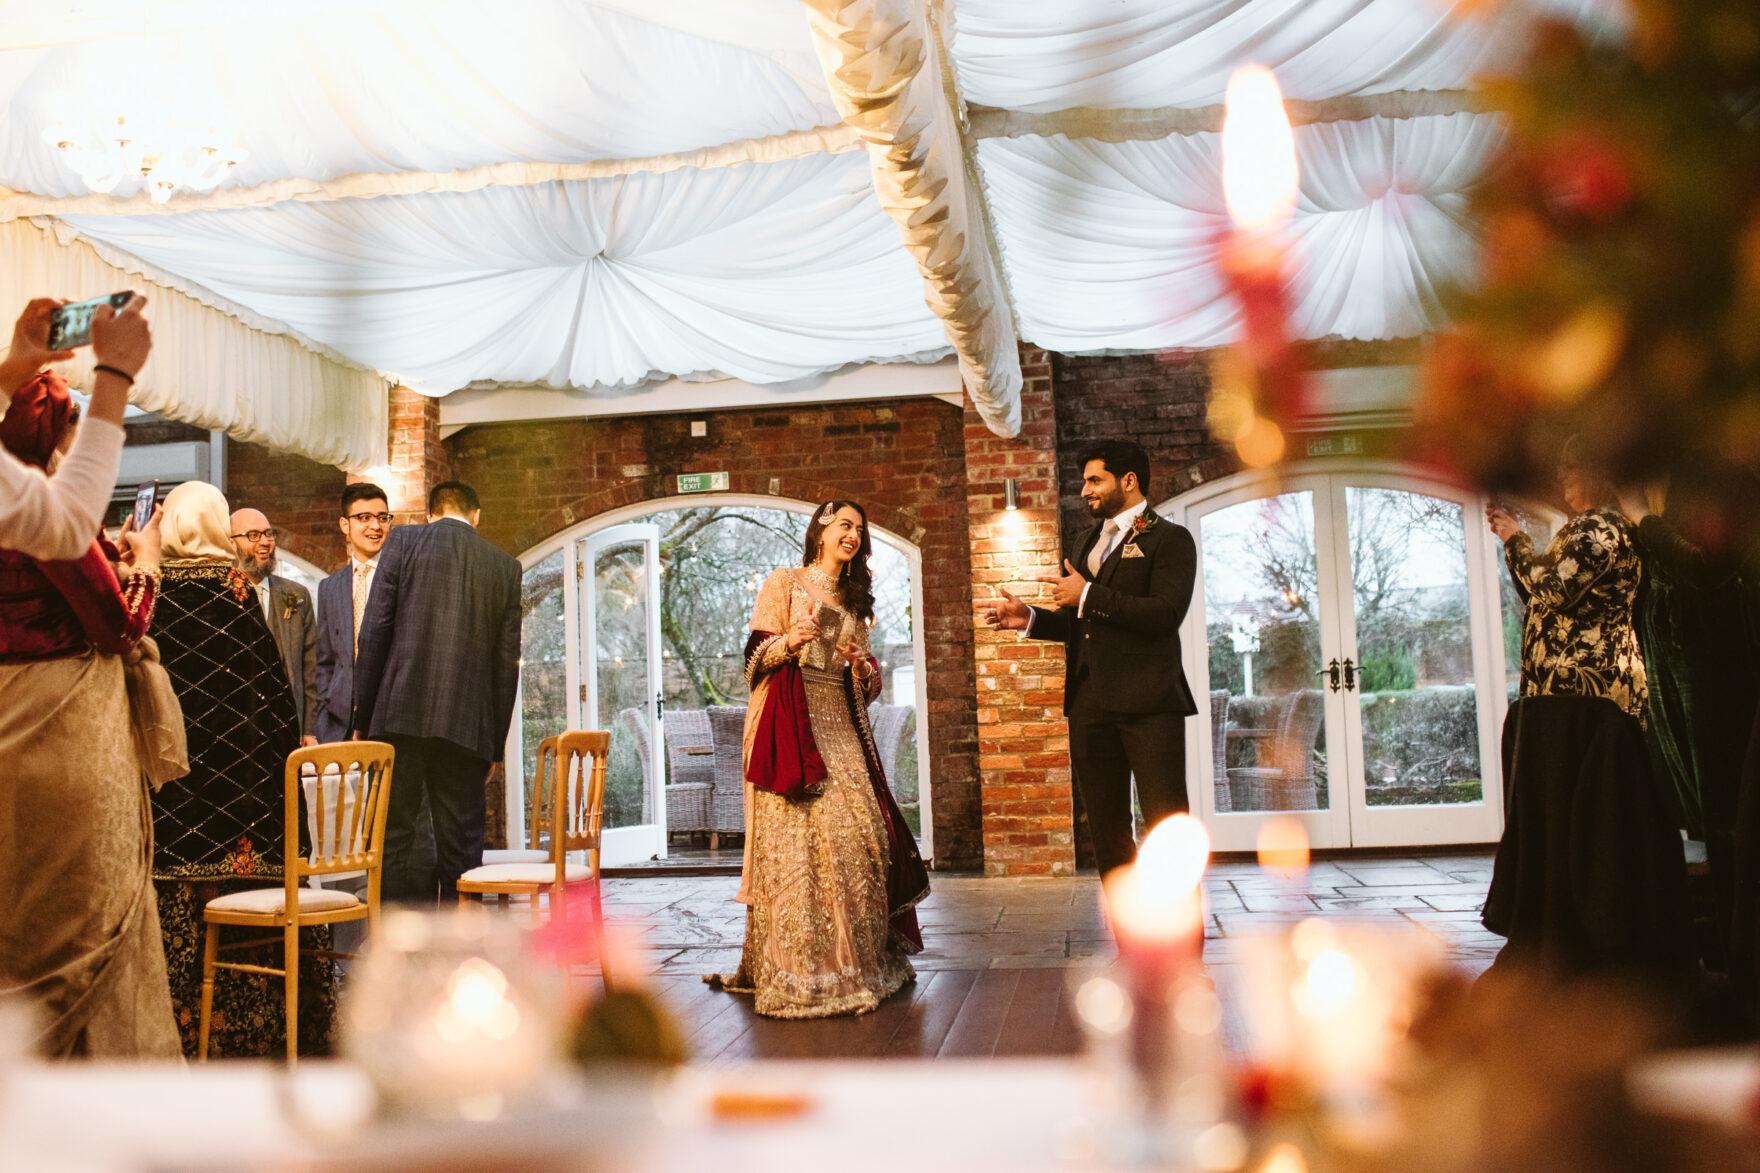 Muslim bride and groom entering her wedding reception